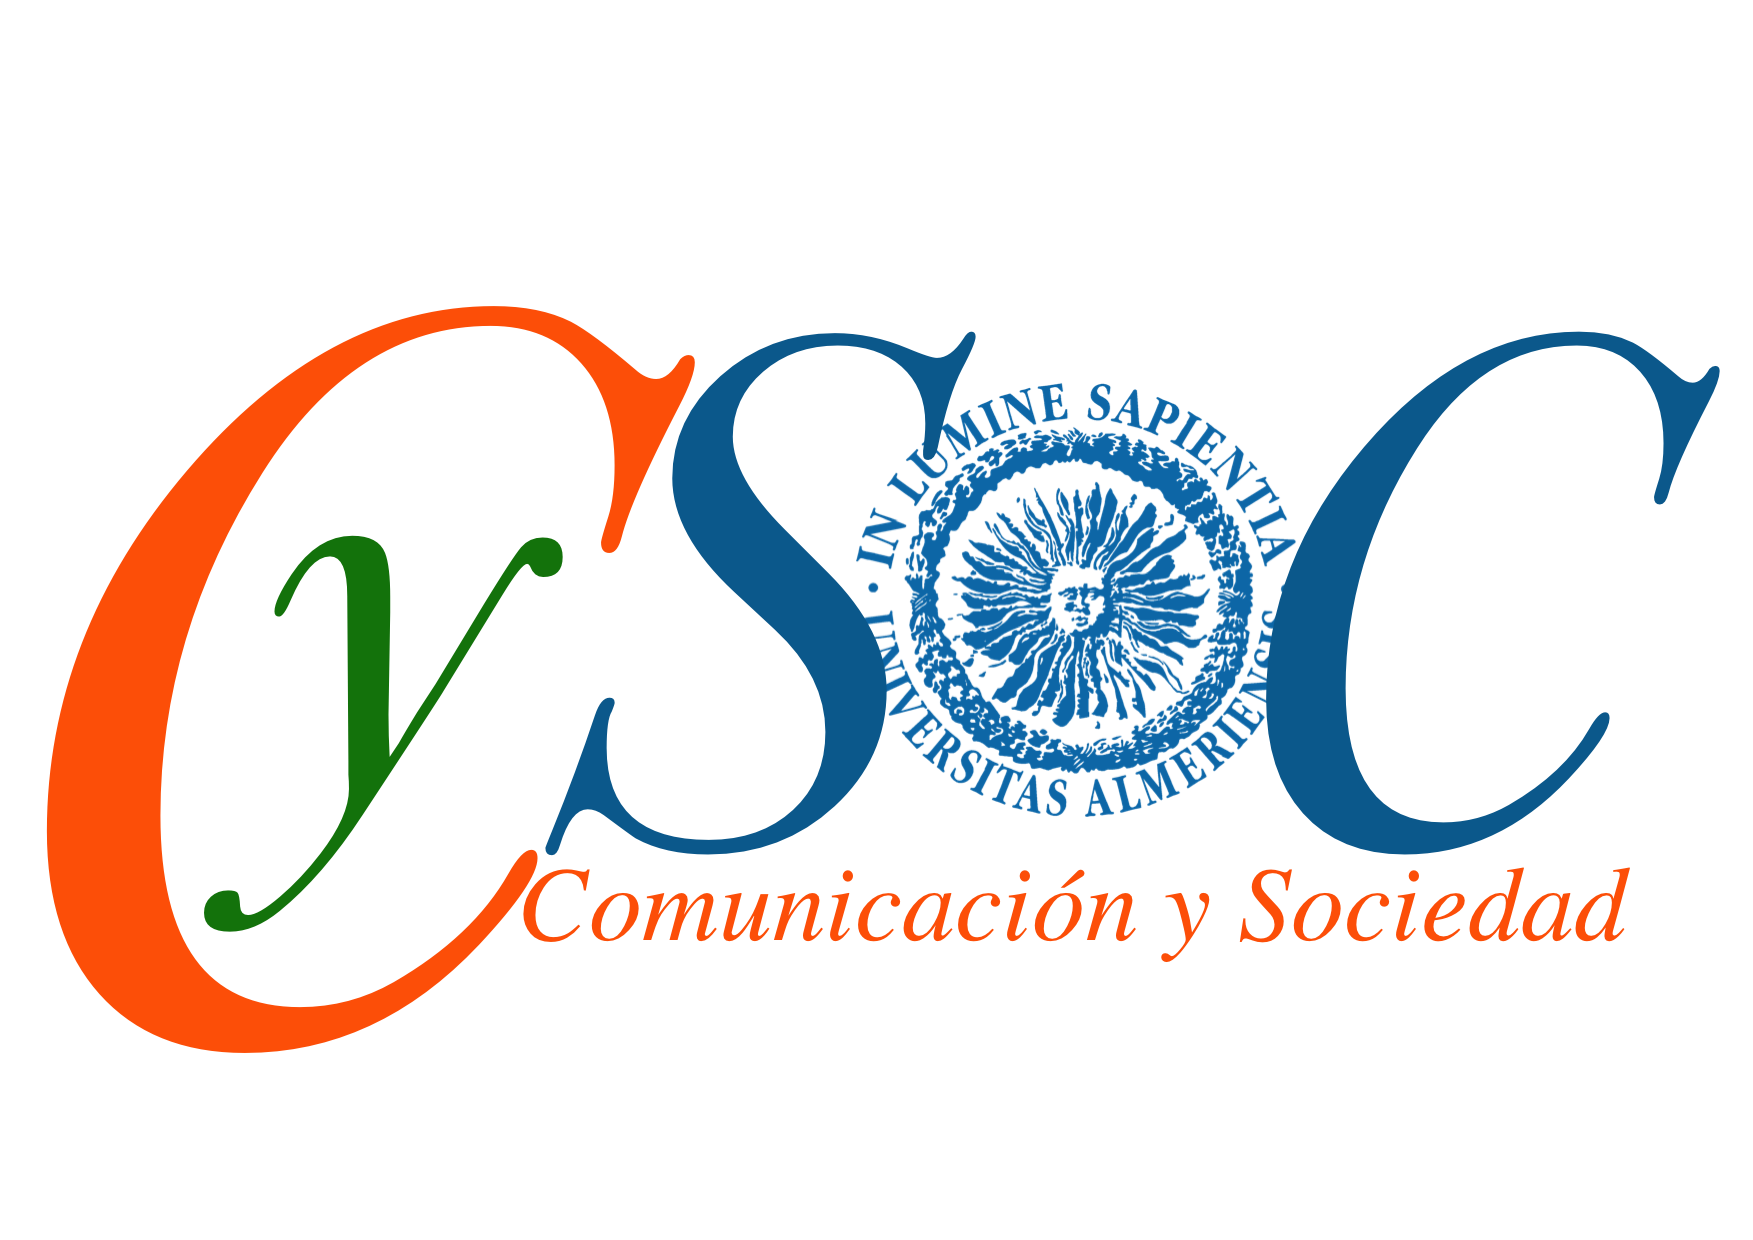 CySOC